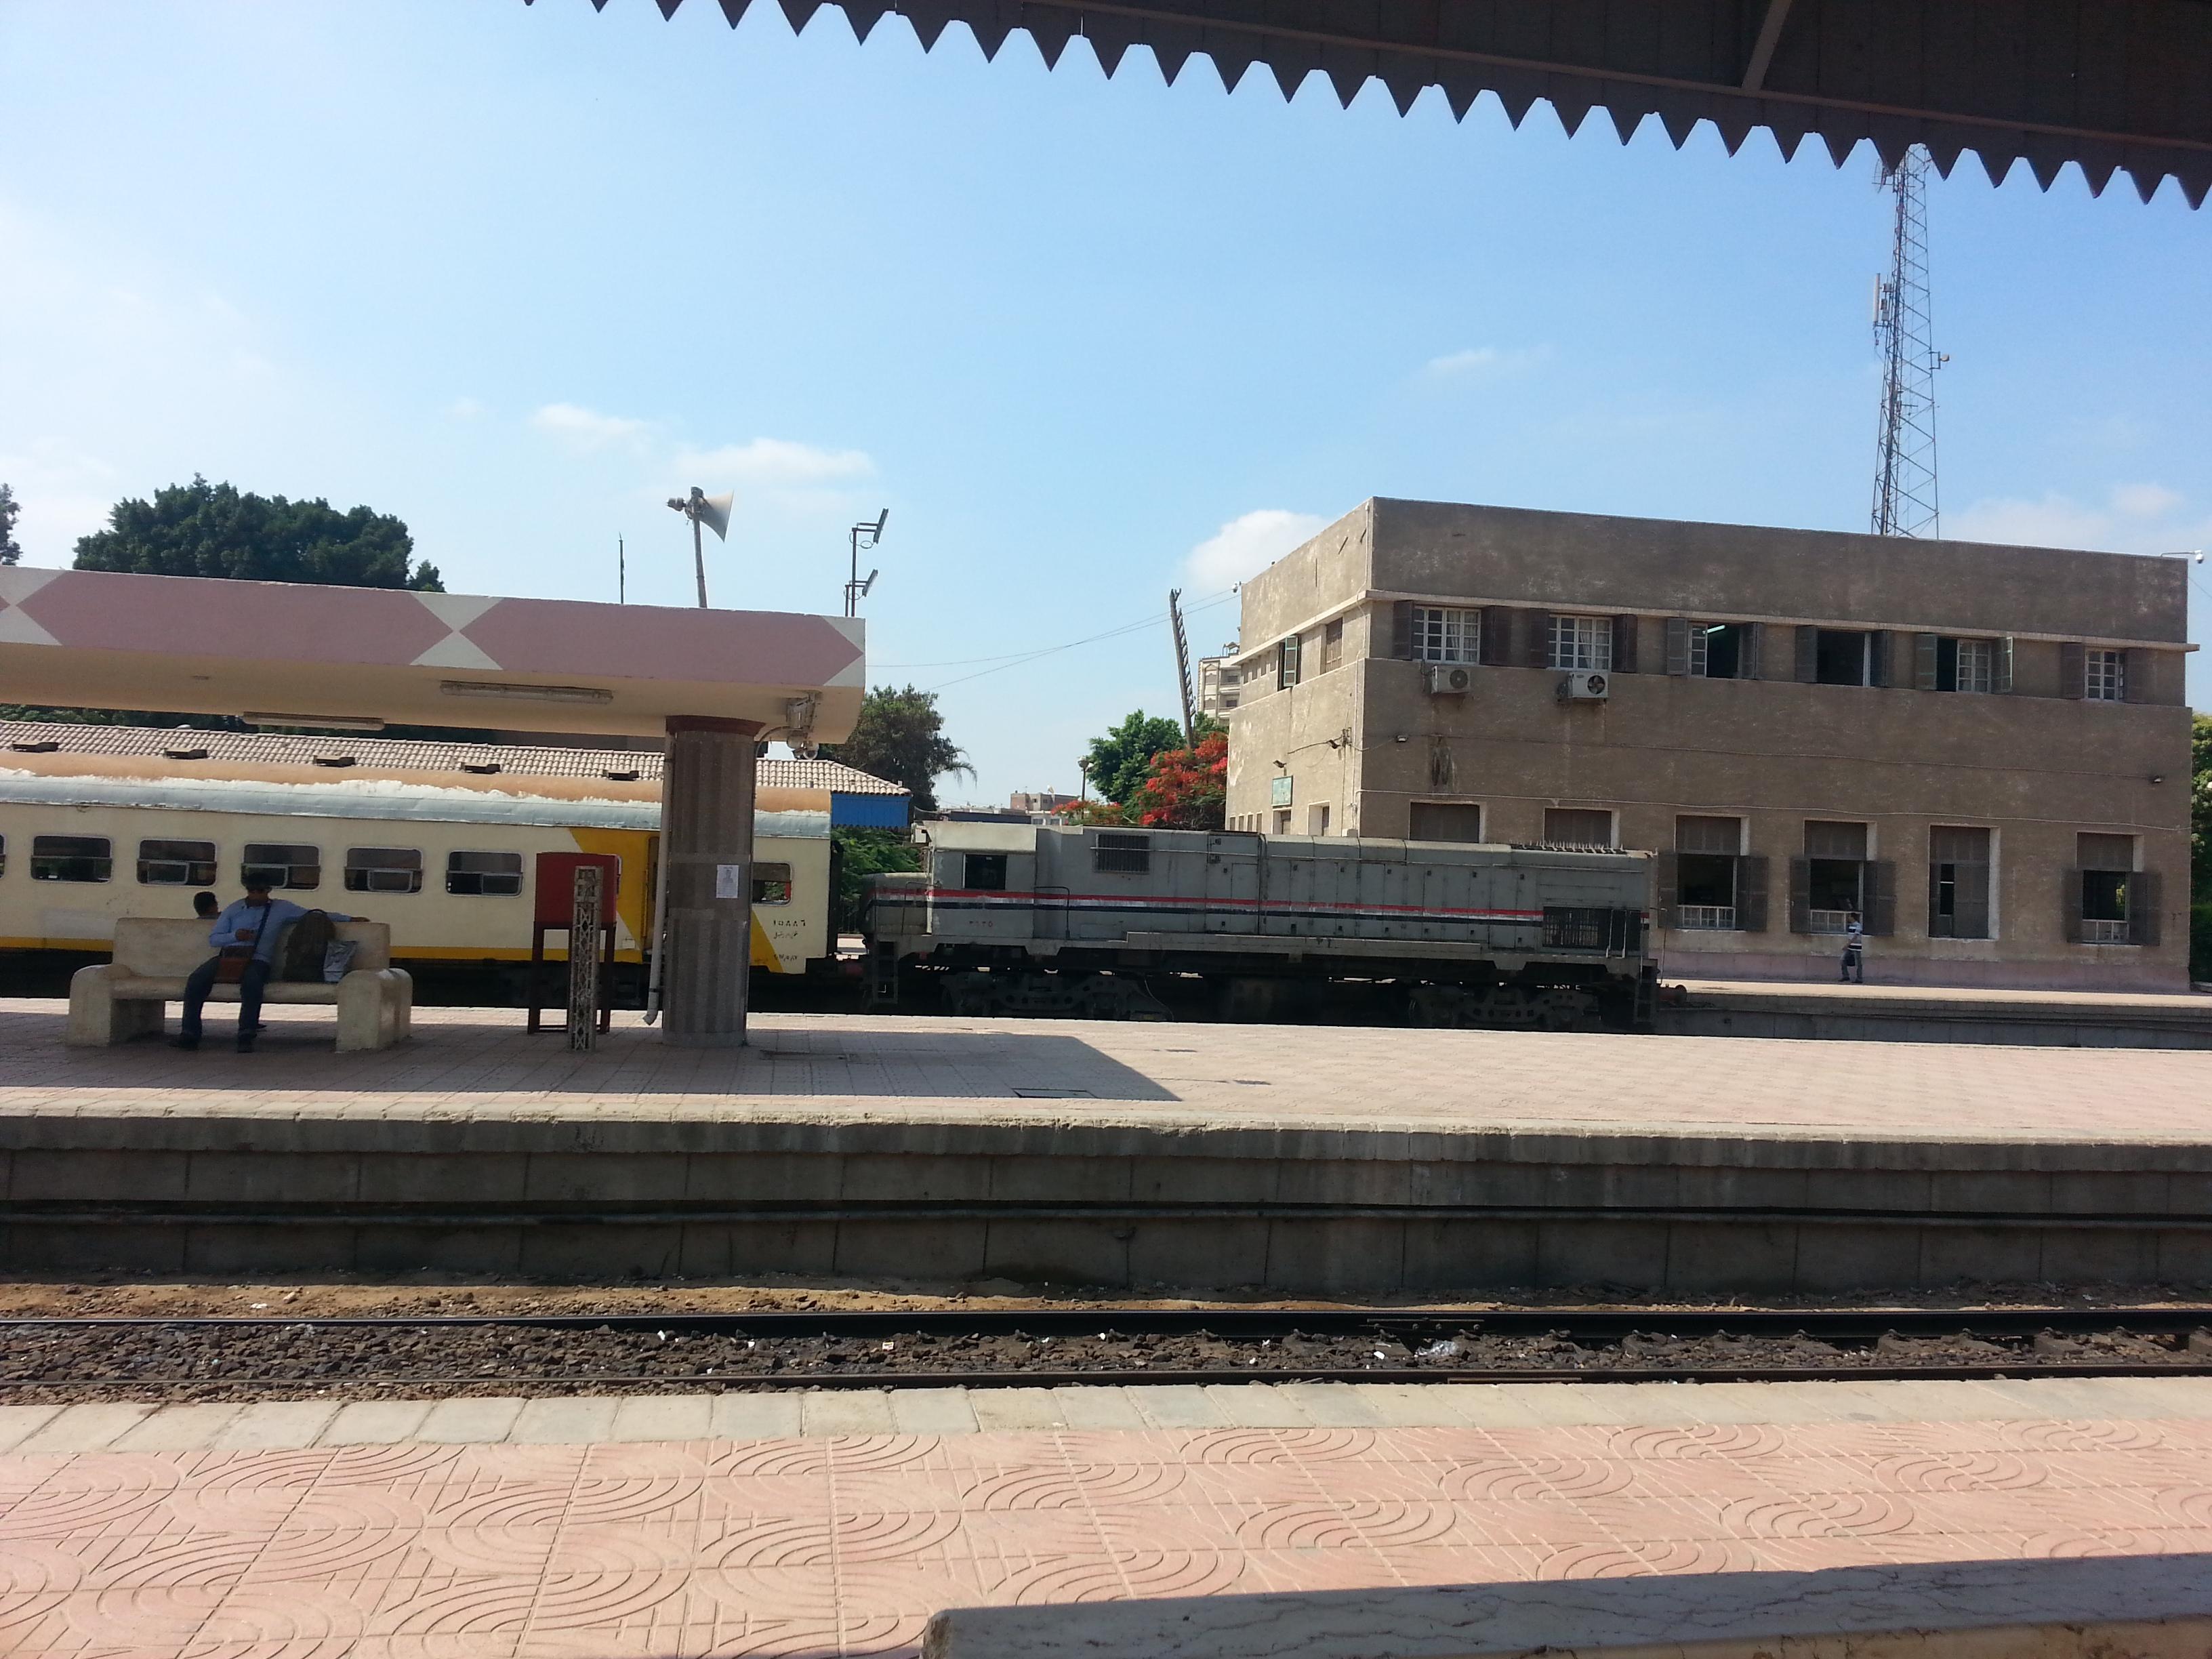 صورة مواعيد قطارات الزقازيق السنبلاوين 2018